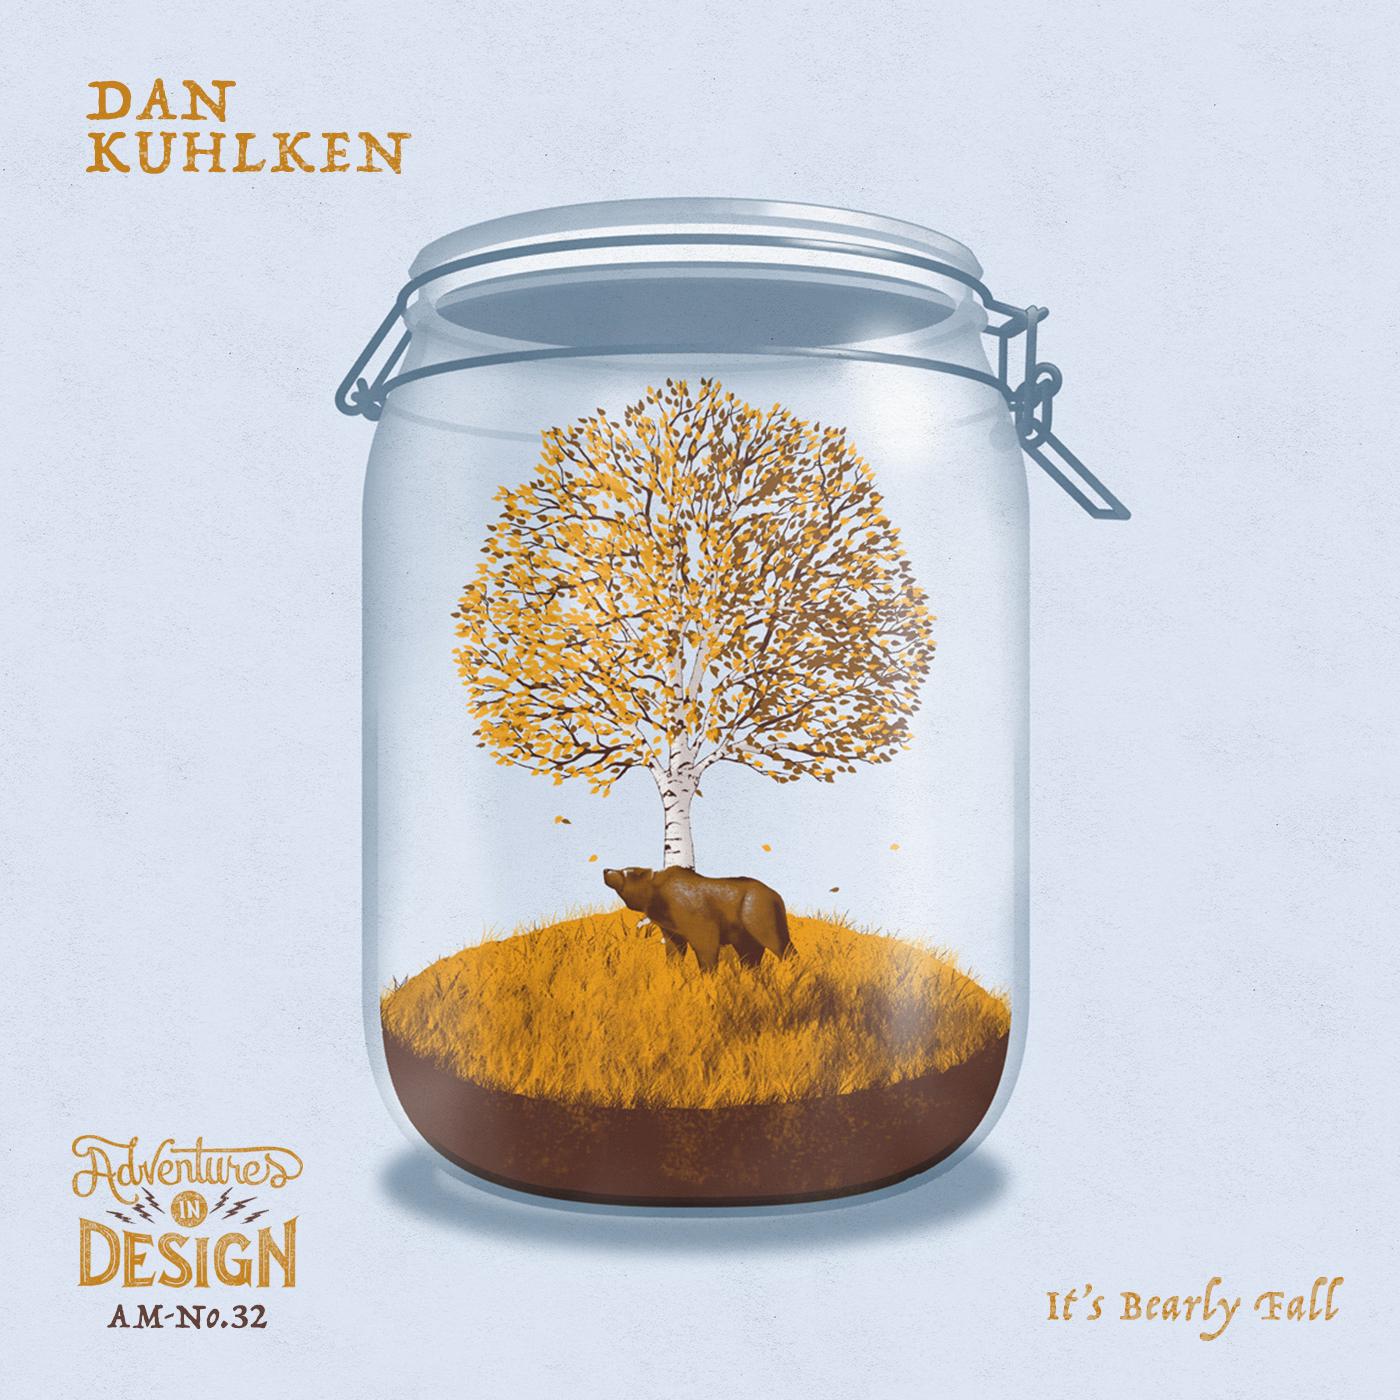 Adventures in Design Podcast with Dan Kuhlken